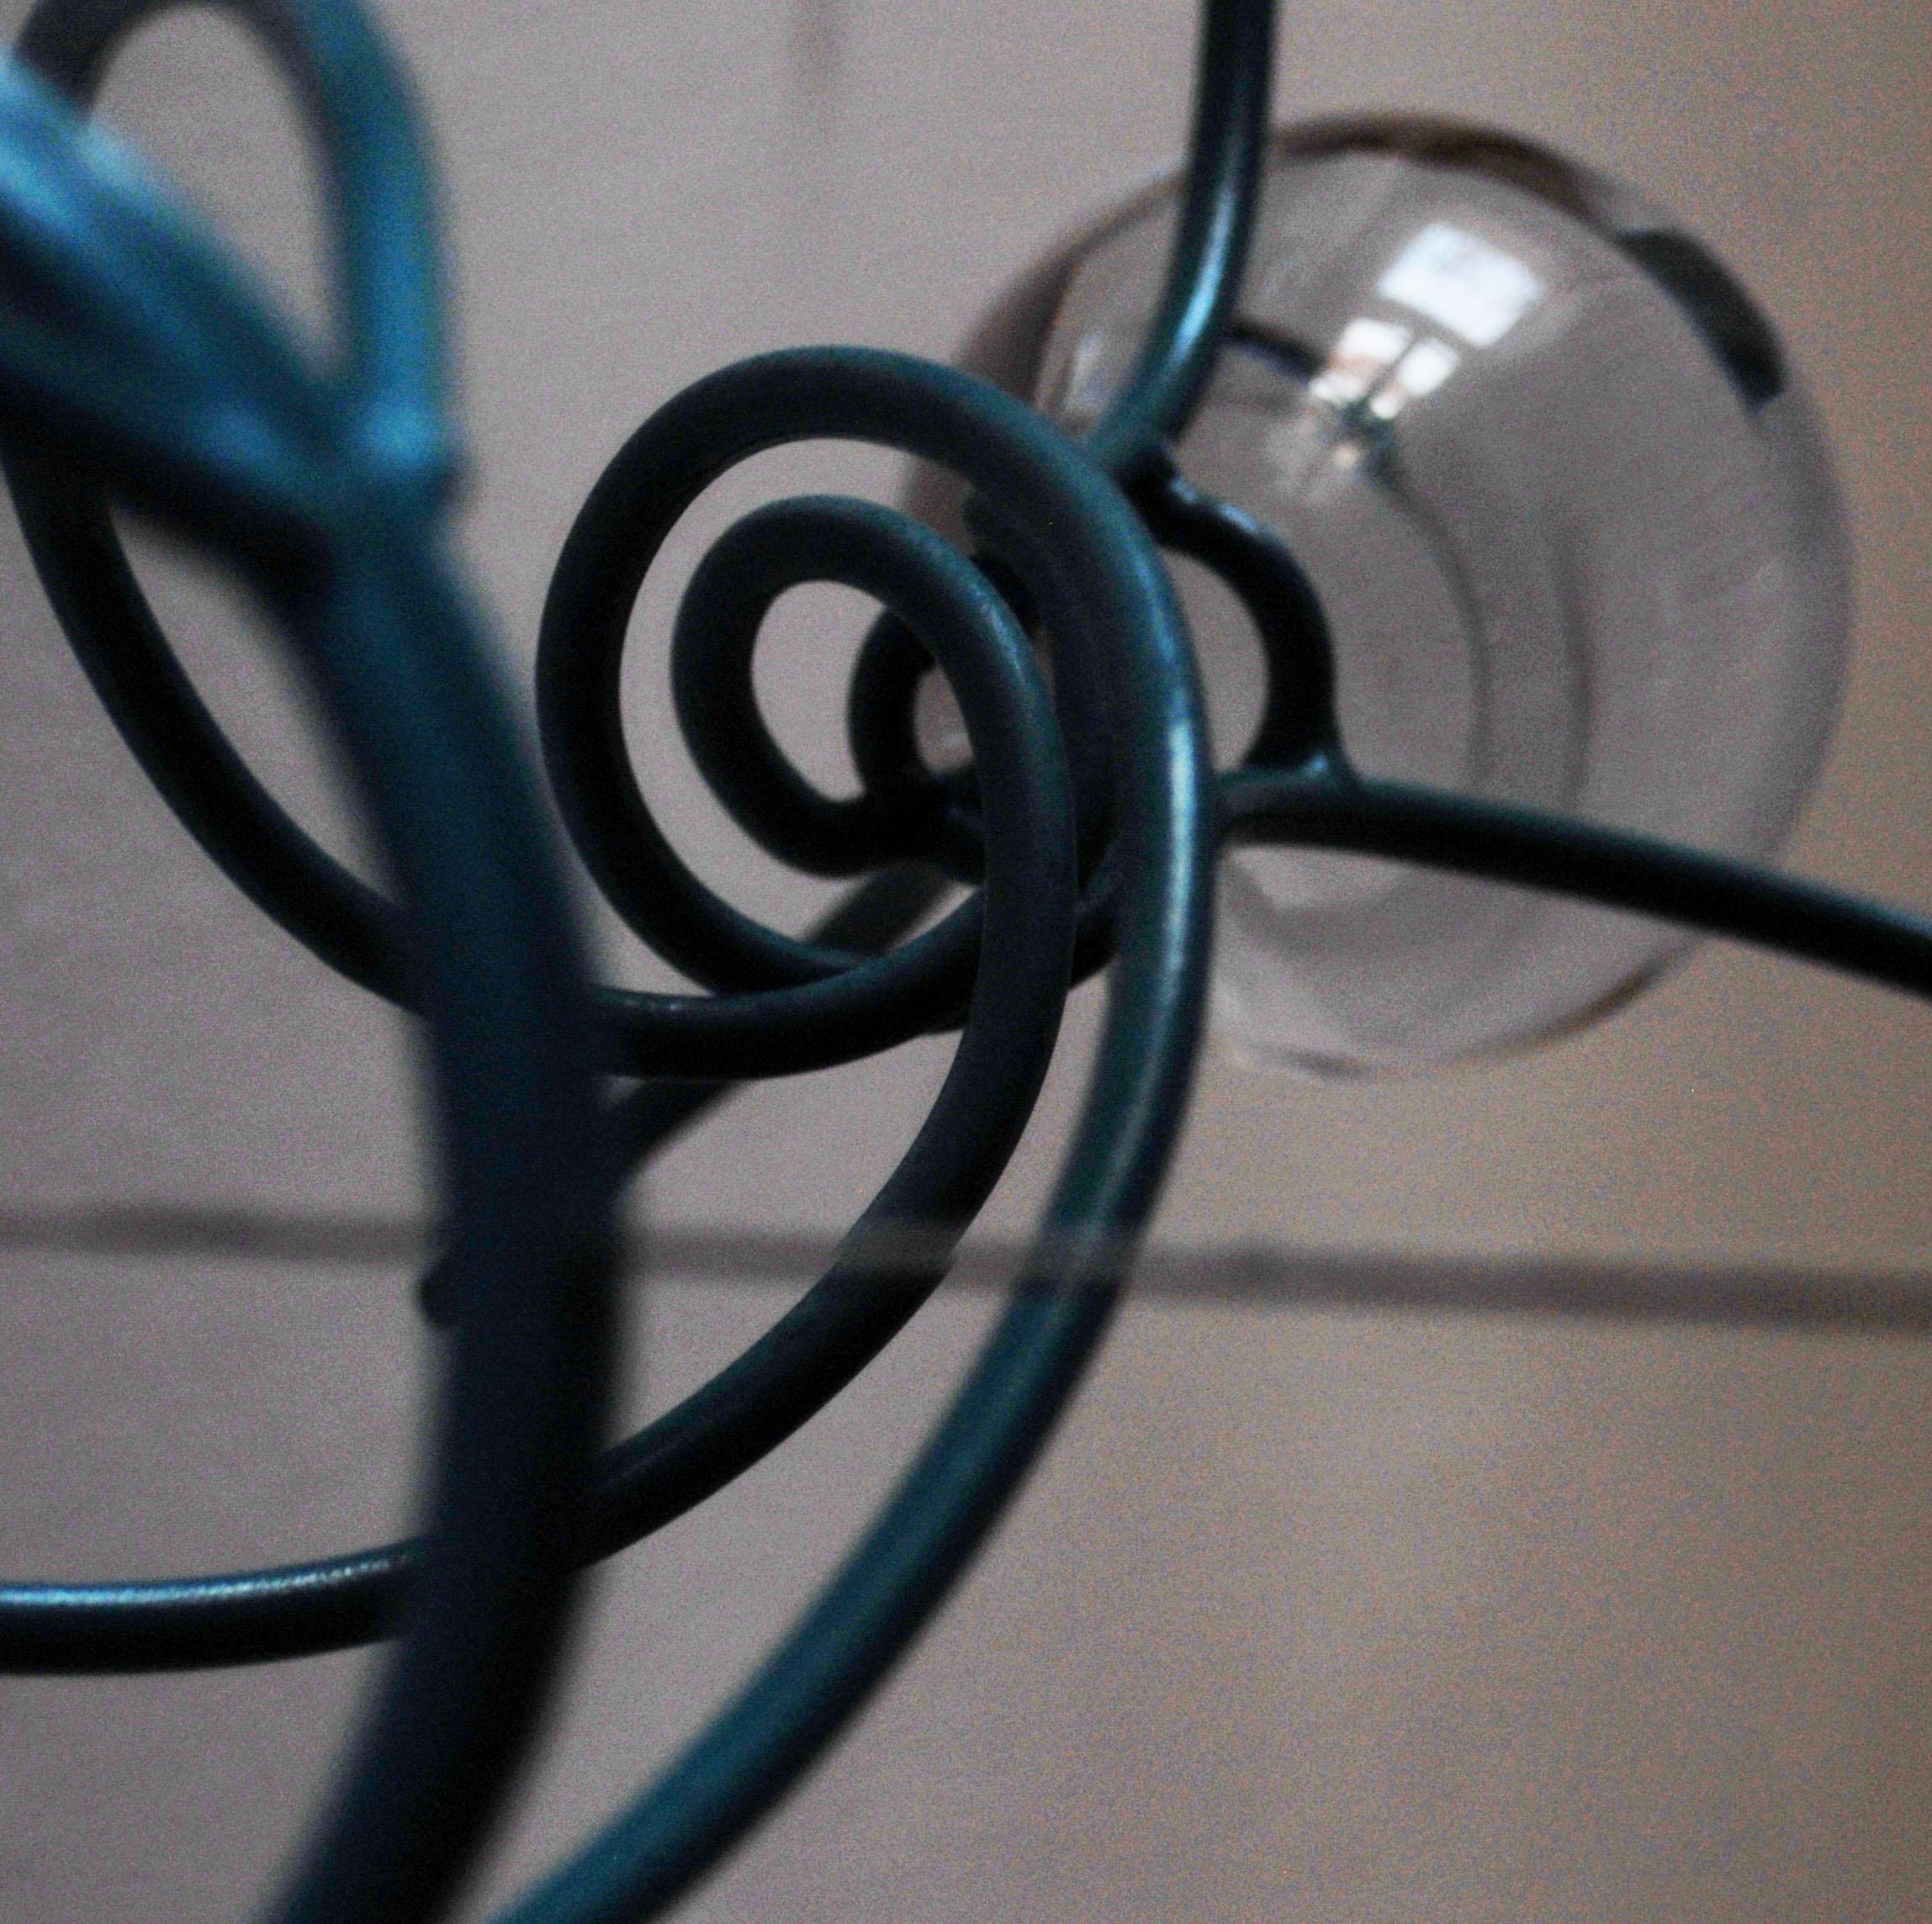 TamasLaszloKovacs_GlassSculptures (1)